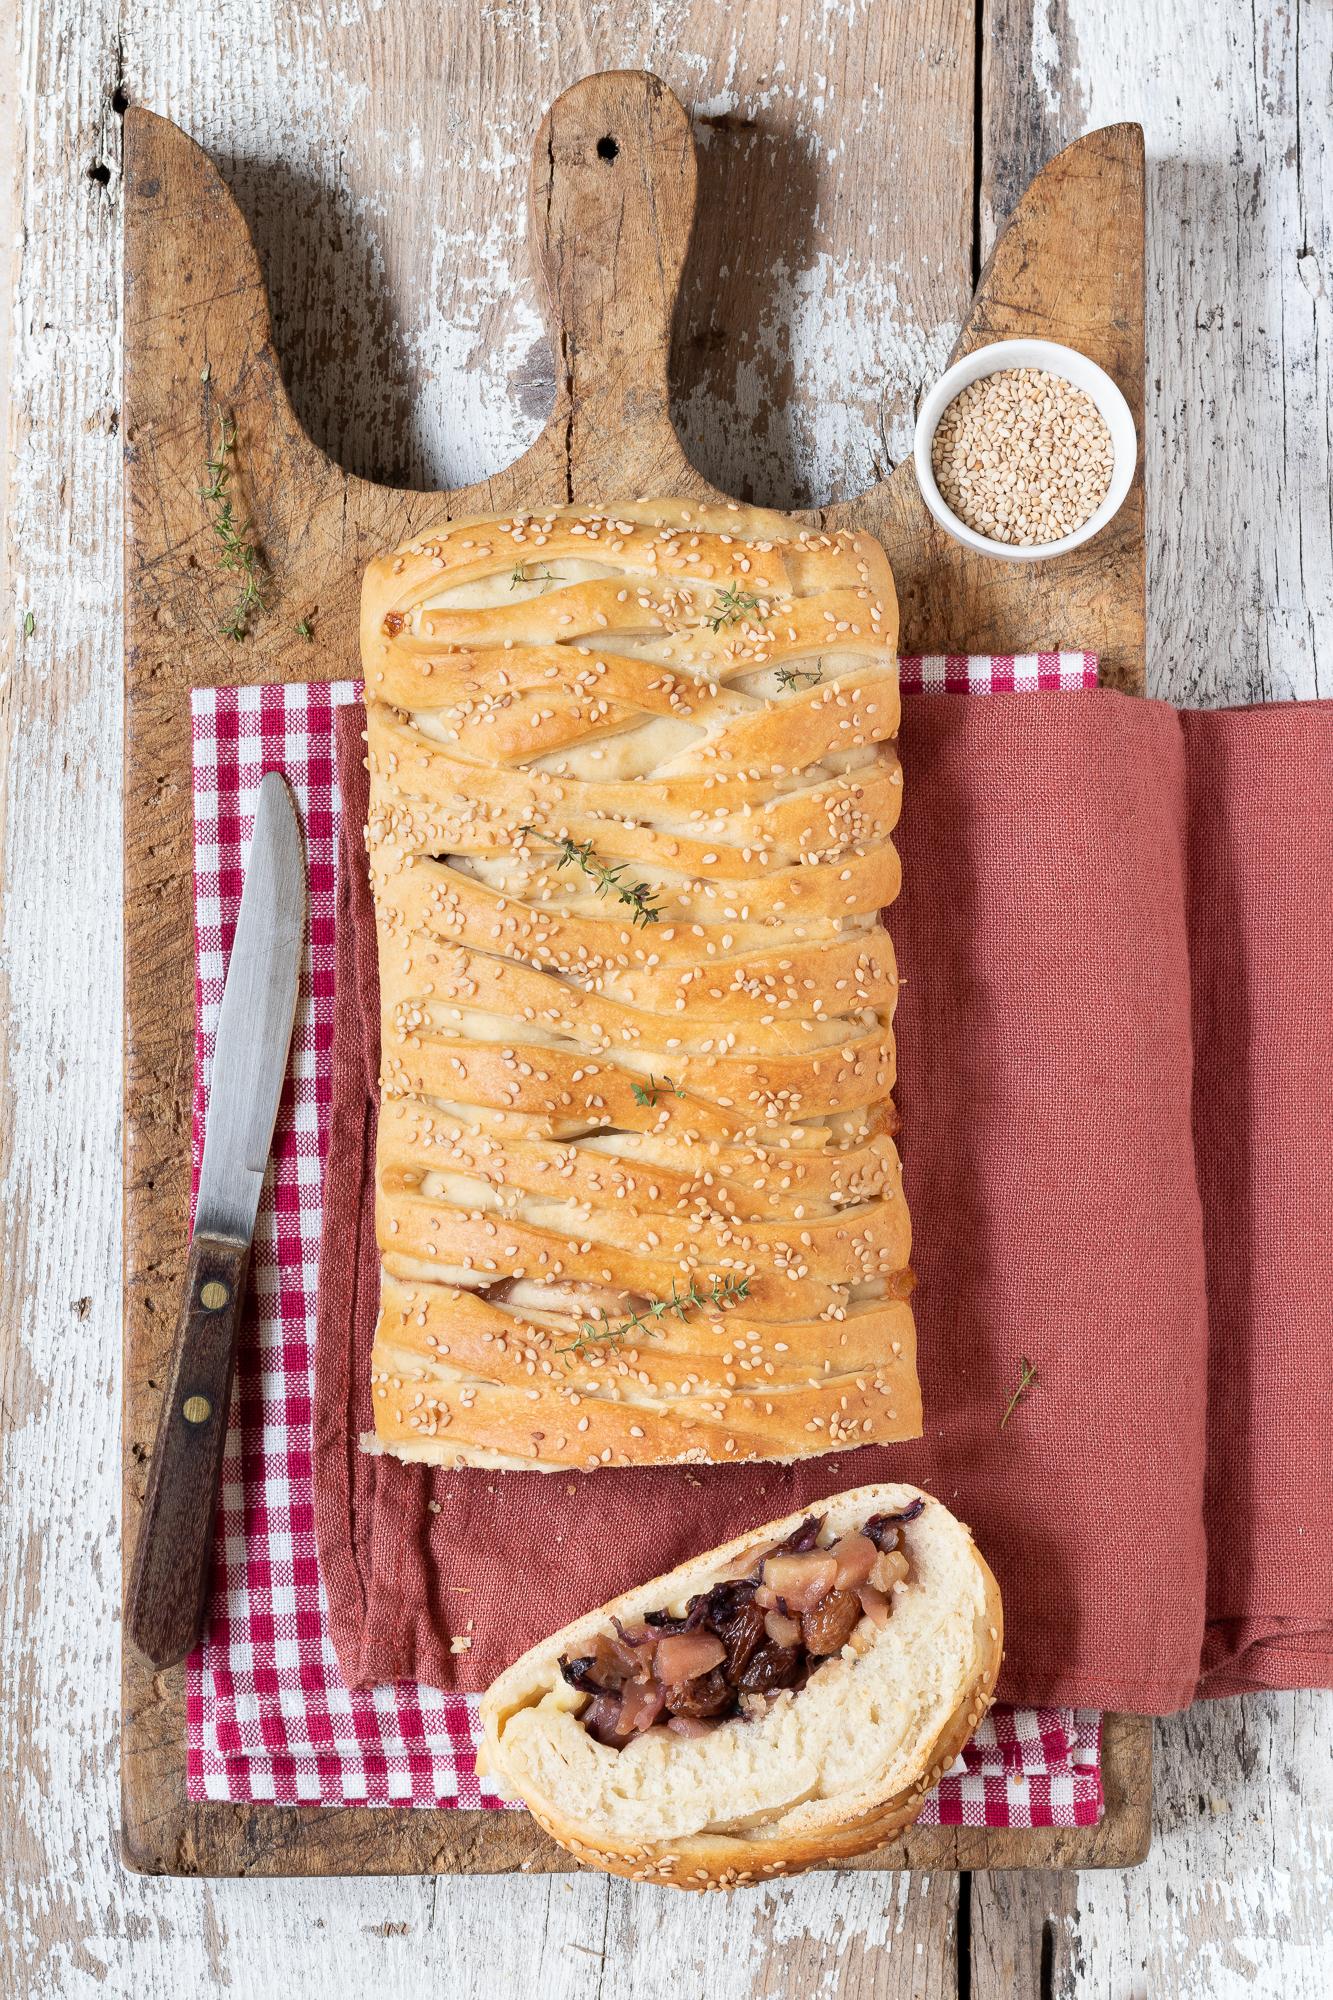 strudel di pane con mele, radicchio e brie